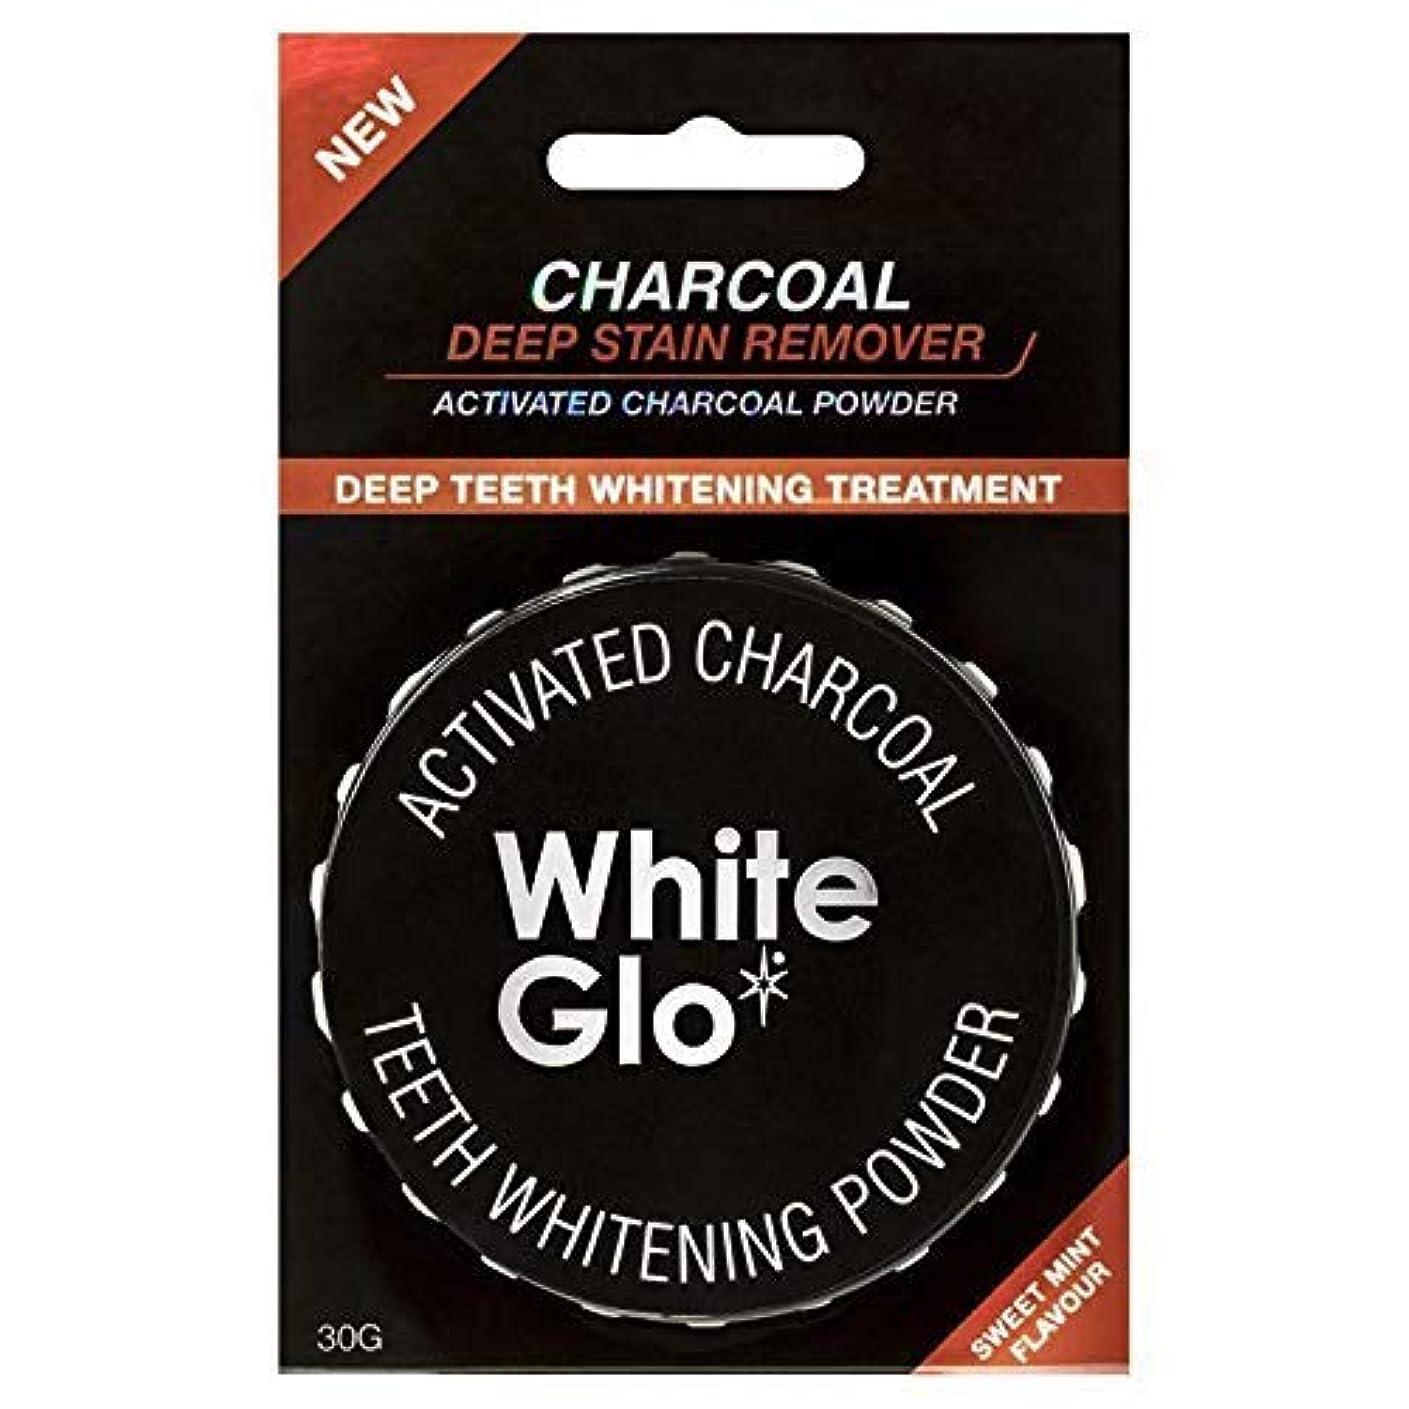 ビュッフェゴネリル安らぎTeeth Whitening Systems White Glo Activated Charcoal Teeth Whitening Powder 30g Australia / システムを白くする歯を白くする歯の粉...